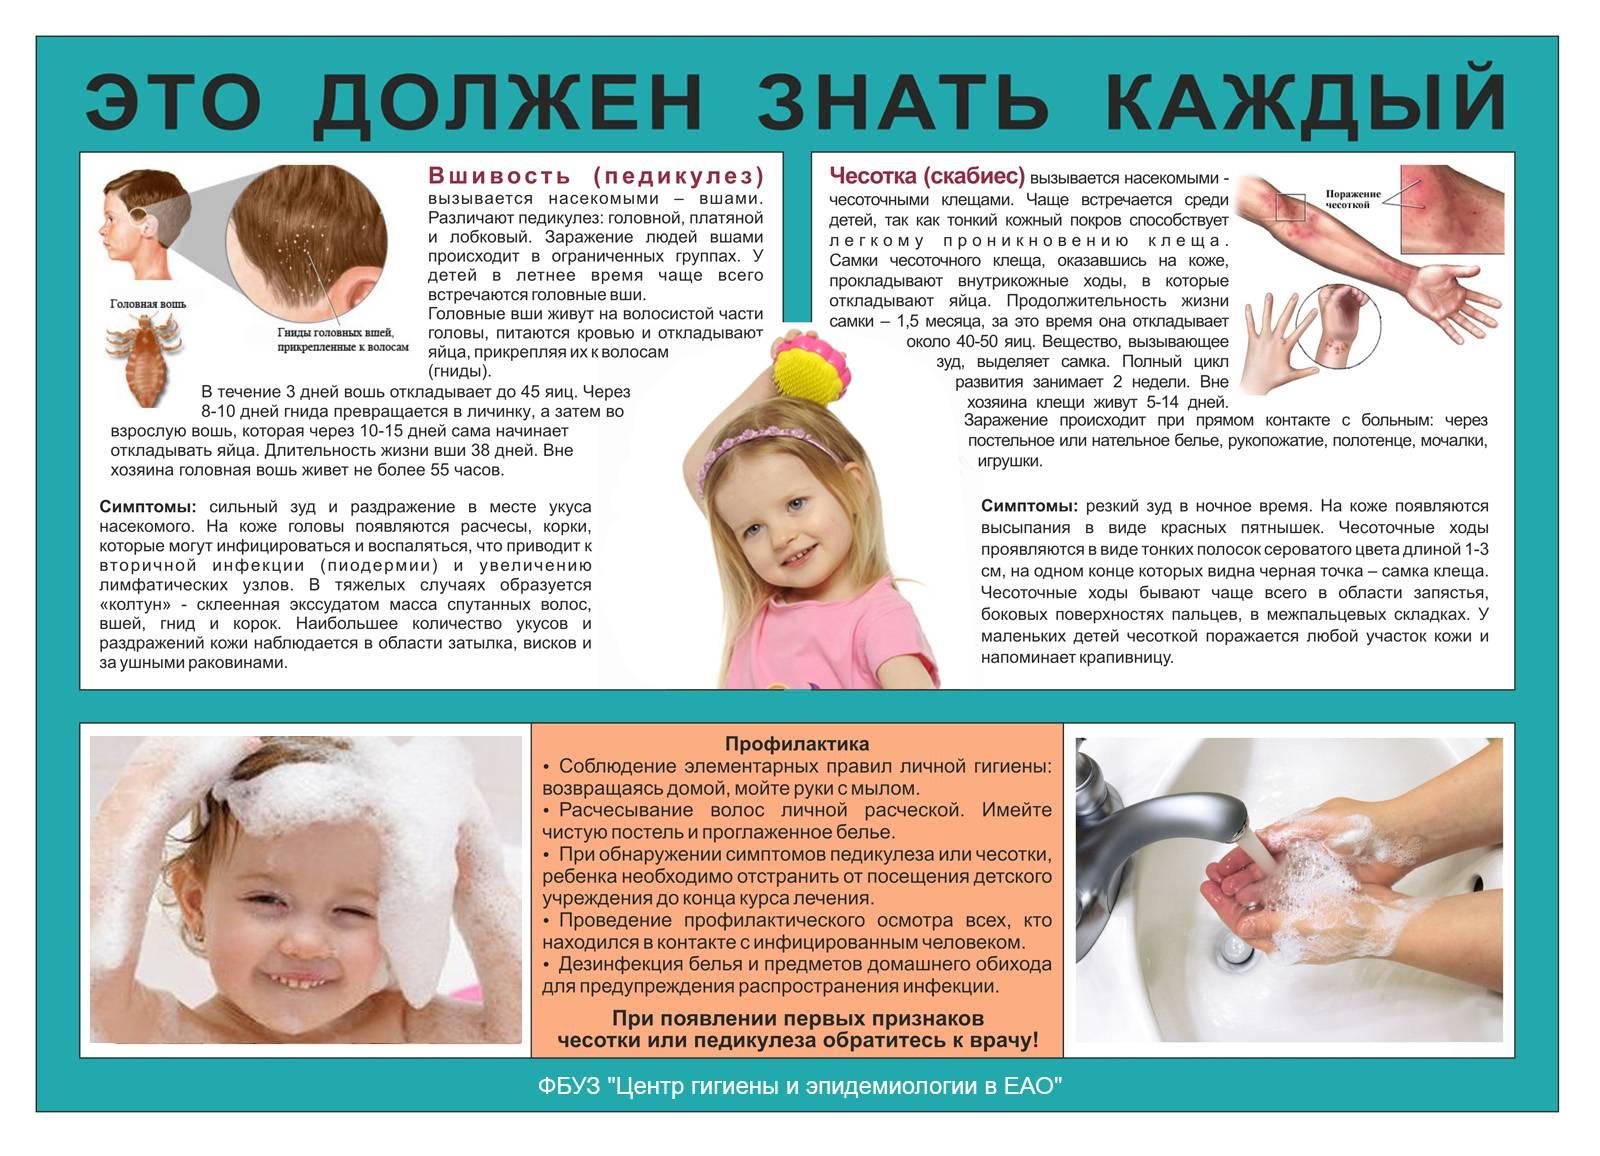 Куриные вши: как от них избавиться и чем обработать курятник? Препараты, лечение и меры профилактики